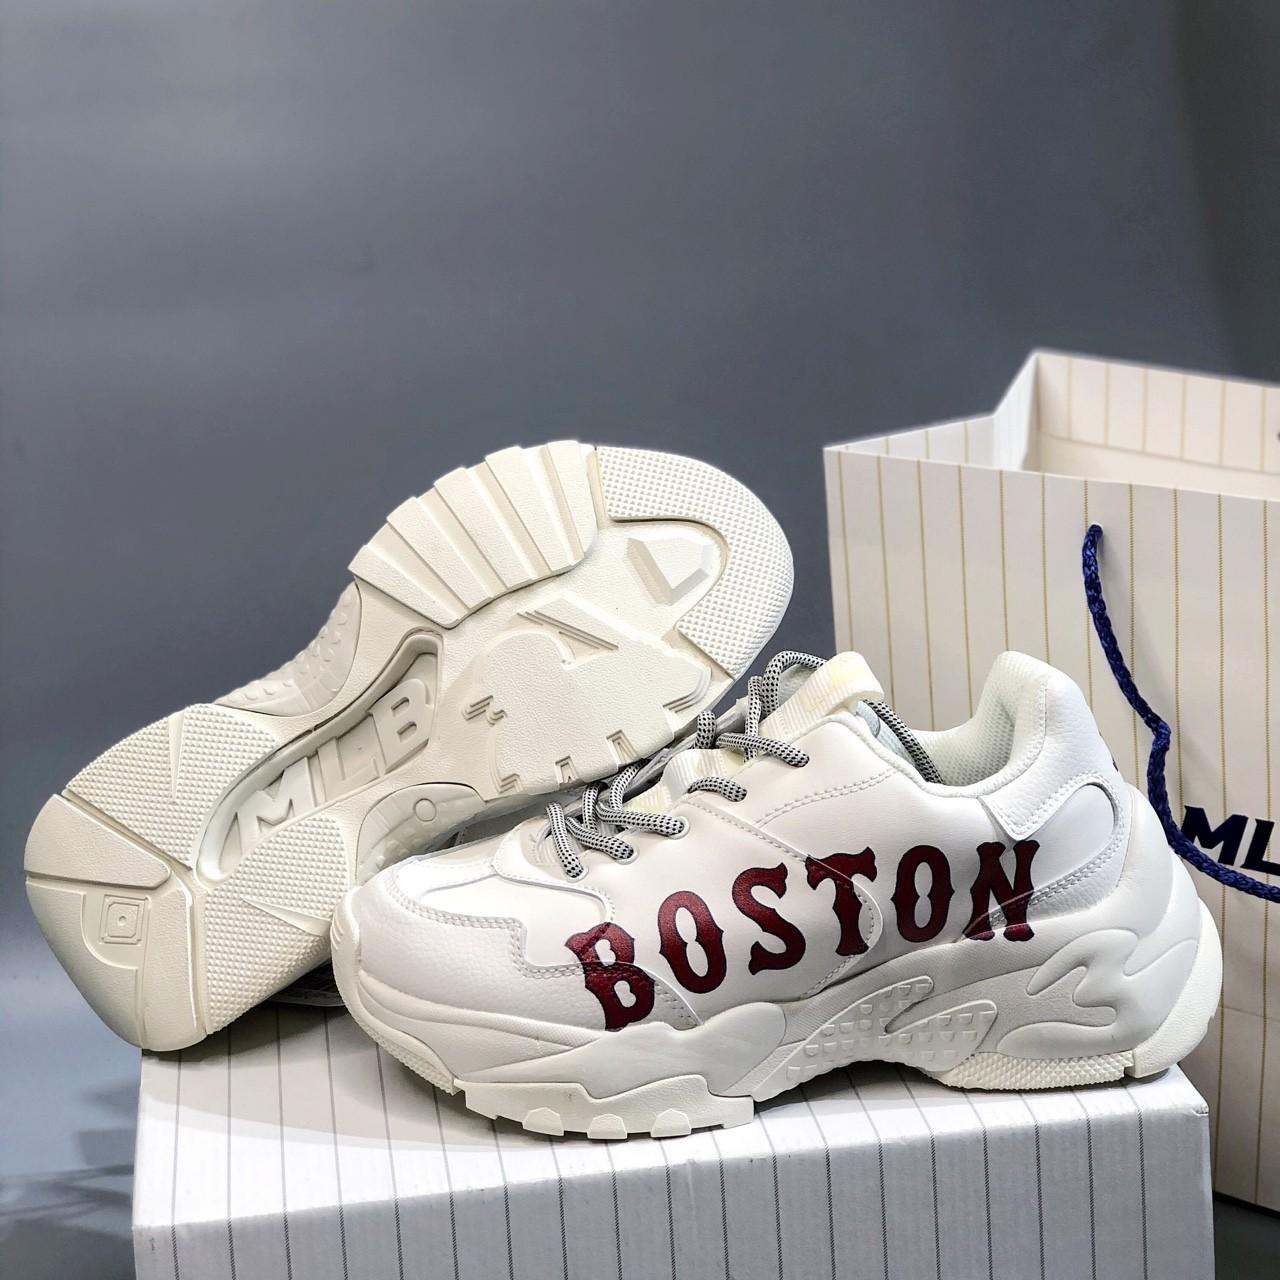 1 CHUYÊN SỈ giày sneaker MLB Boston Rep giá rẻ tại tphcm